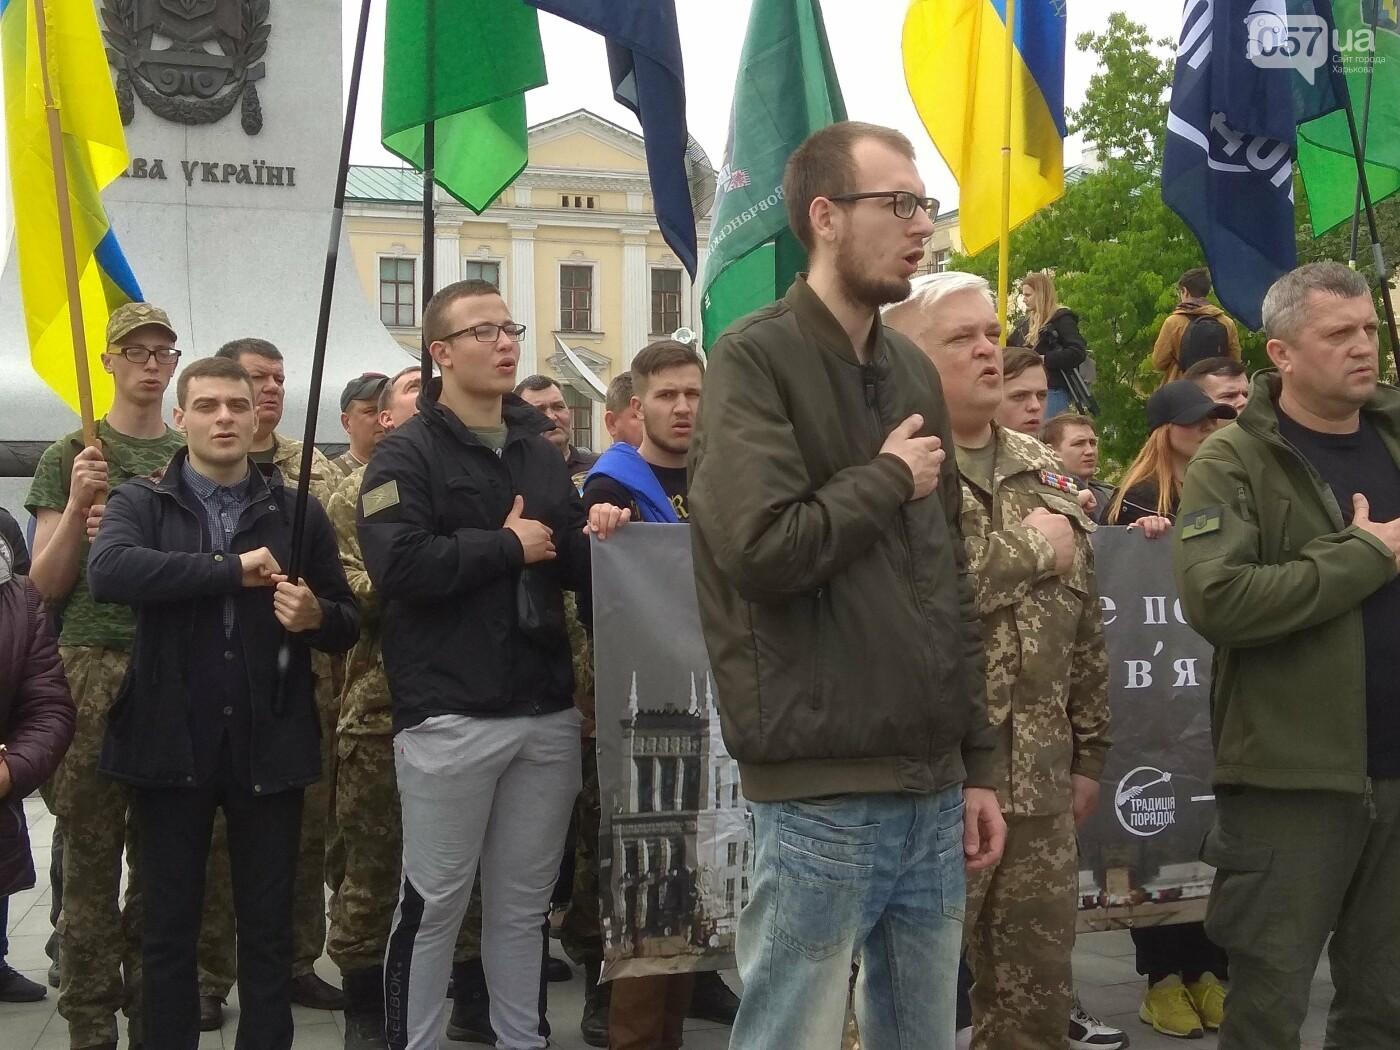 Харьковские активисты попросили Президента вмешаться в ситуацию с волонтерской палаткой, - ФОТО, фото-1